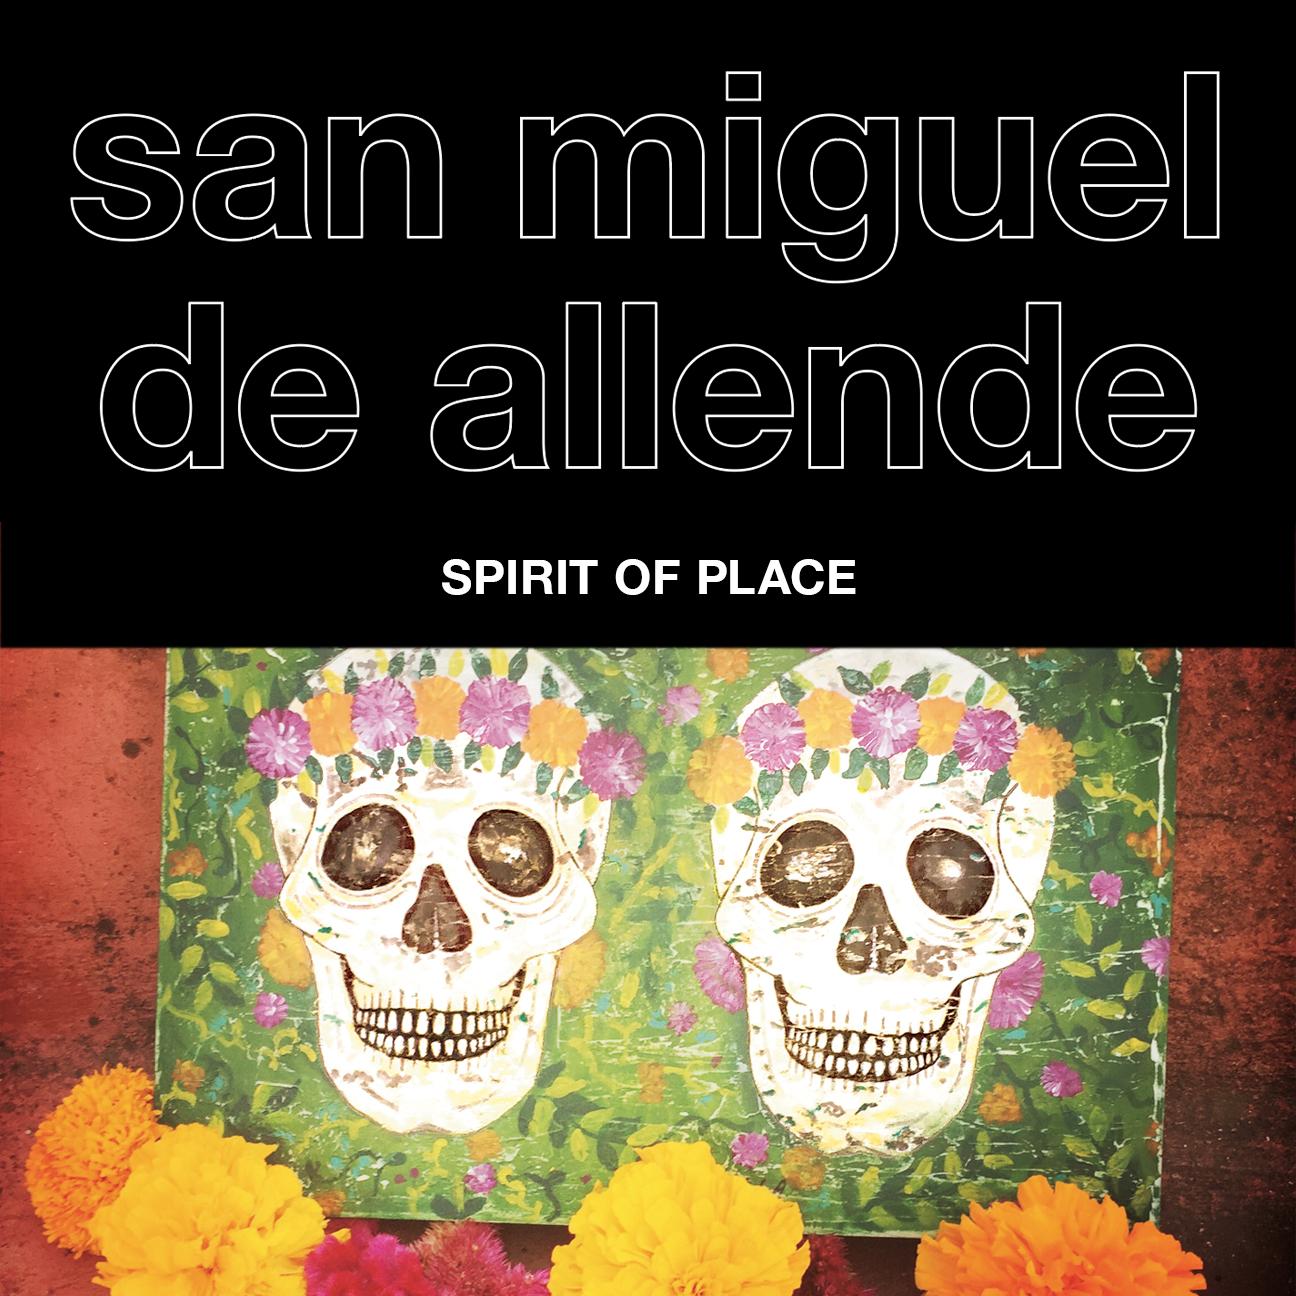 San Miguel de Allende promo image_face.jpg